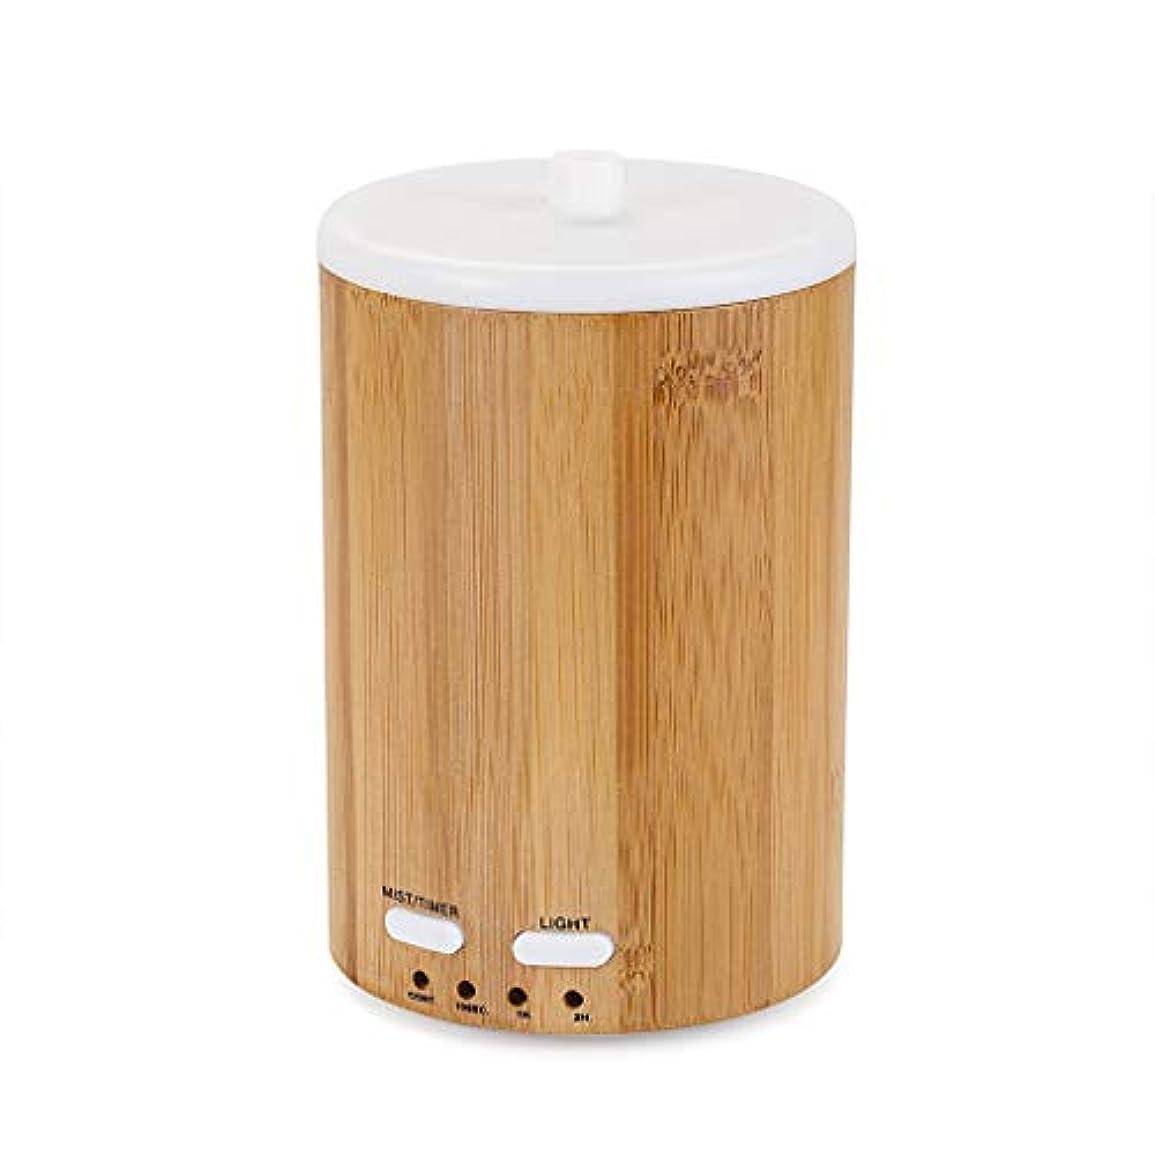 恐怖臭い省アップグレードされたリアル竹ディフューザー超音波ディフューザークールミスト加湿器断続的な連続ミスト2作業モードウォーターレスオートオフ7色LEDライト (Color : Bamboo)